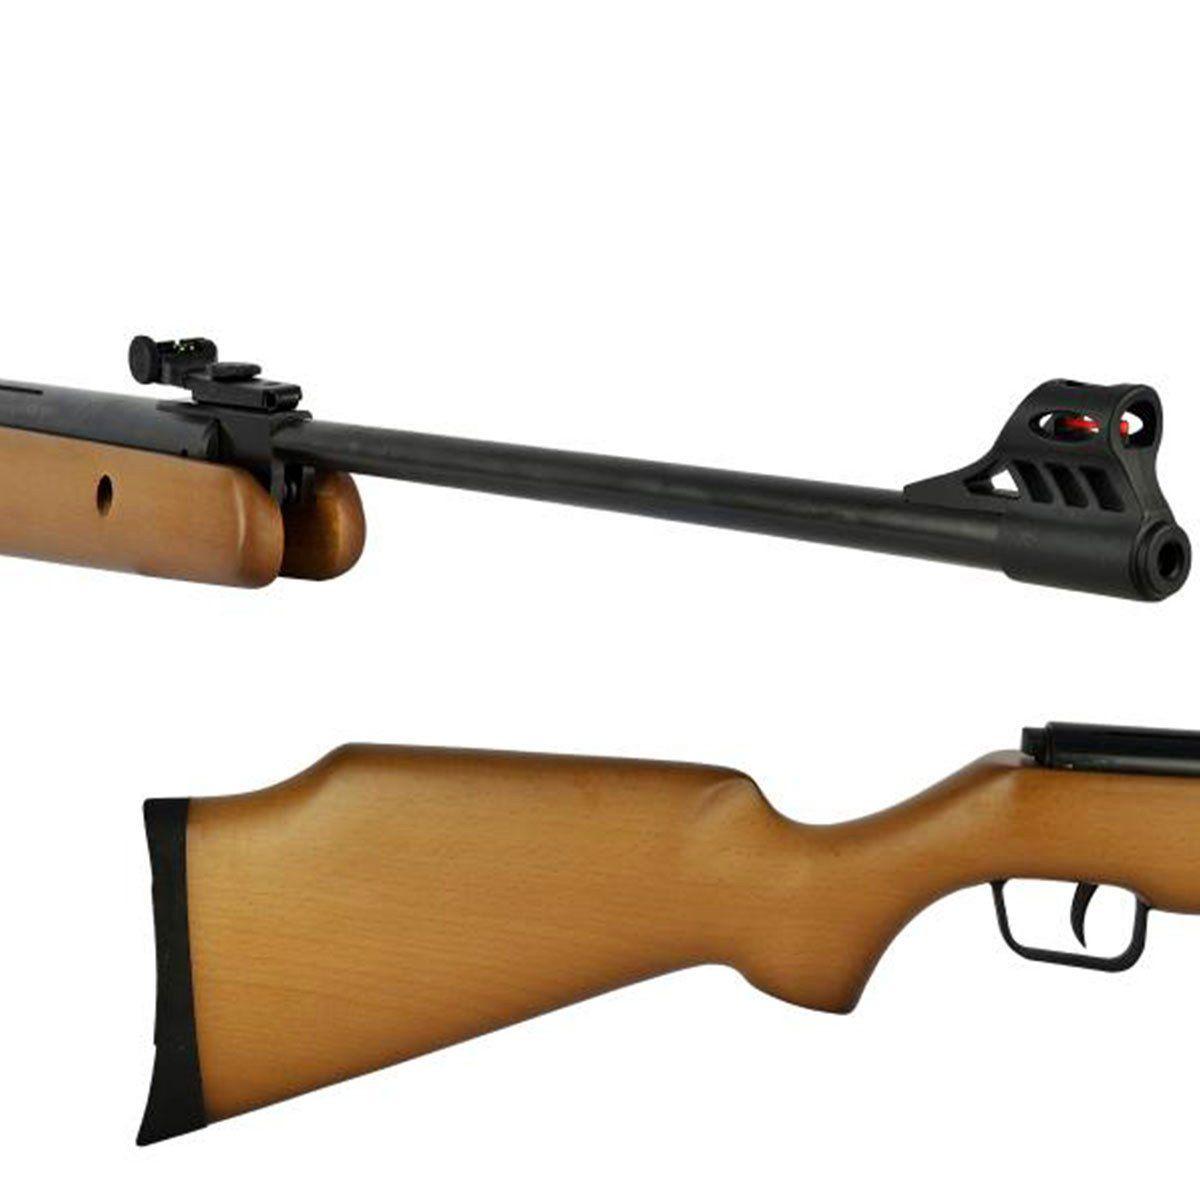 Carabina de Pressao CBC B12-6 5,5mm